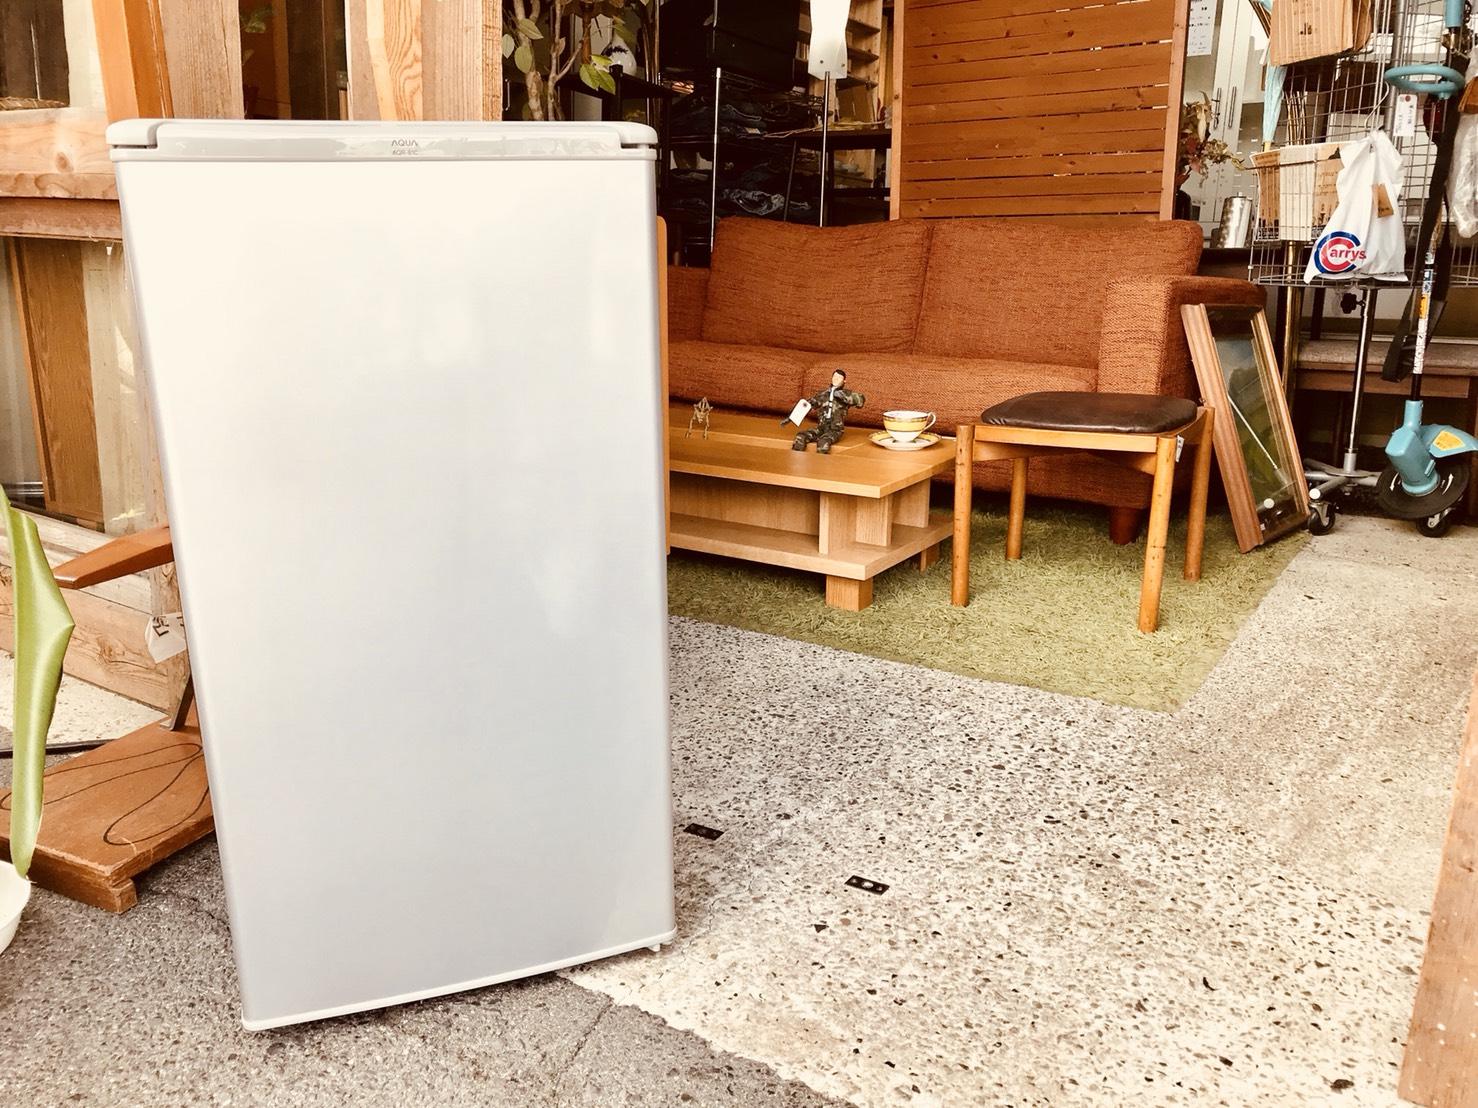 ハイアールの冷蔵庫買取させて頂きました!